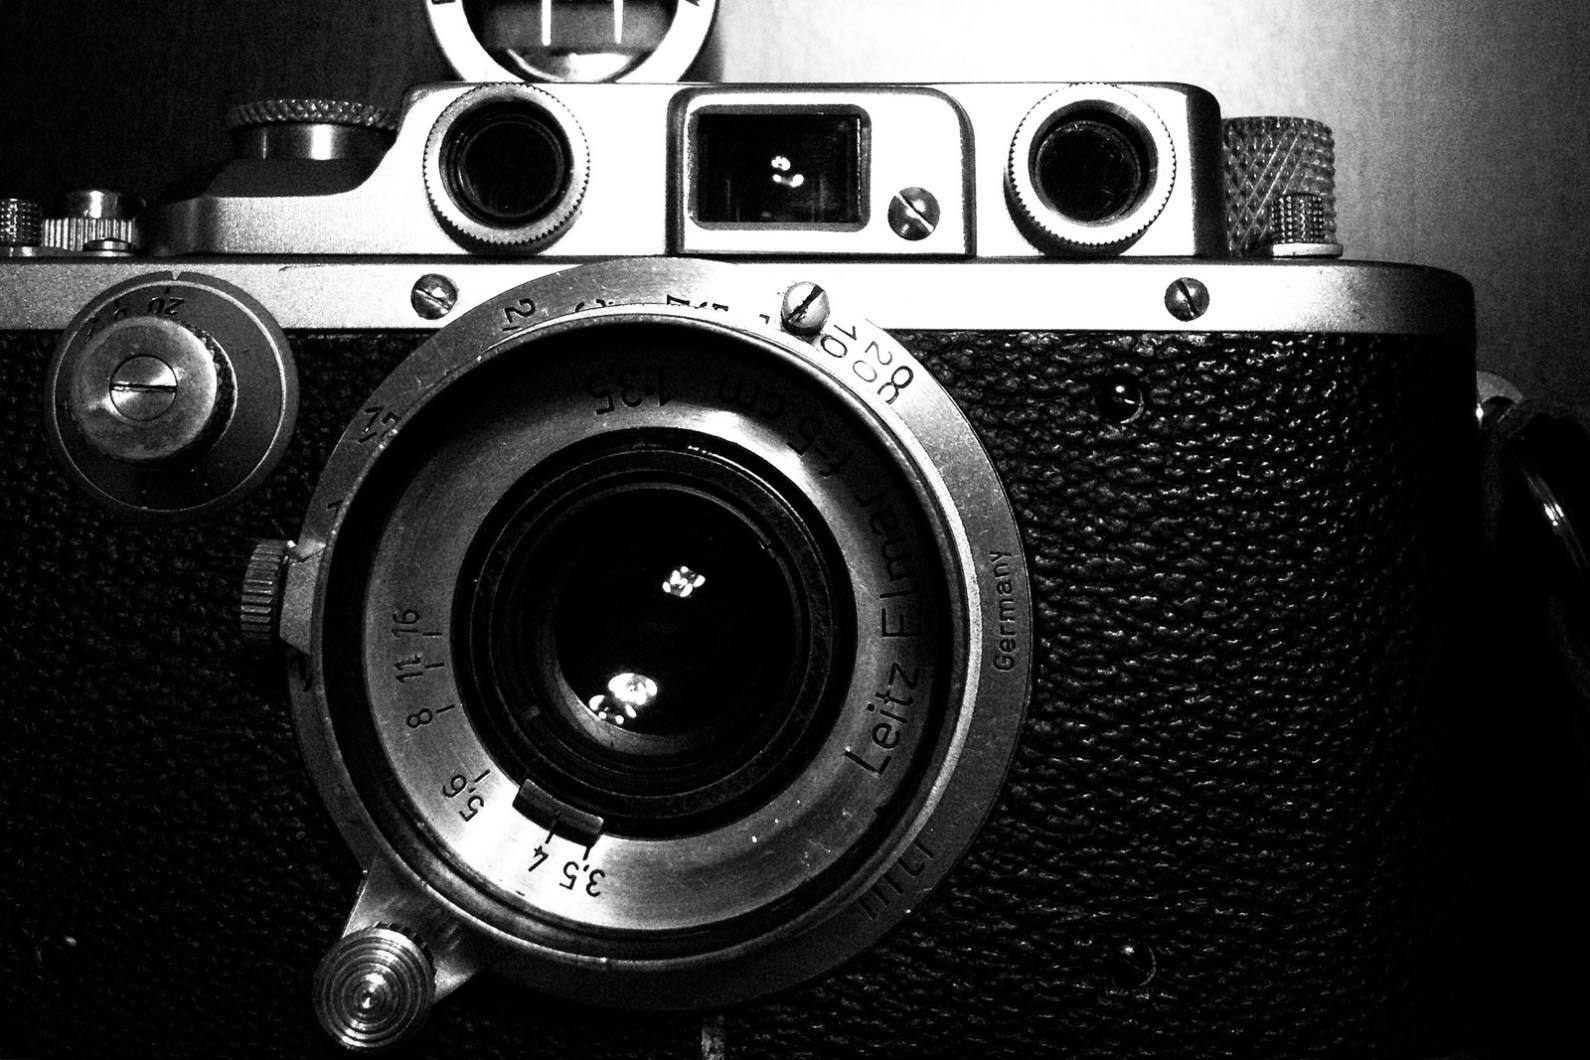 Ernst Leitz Elmar 50mm F3.5